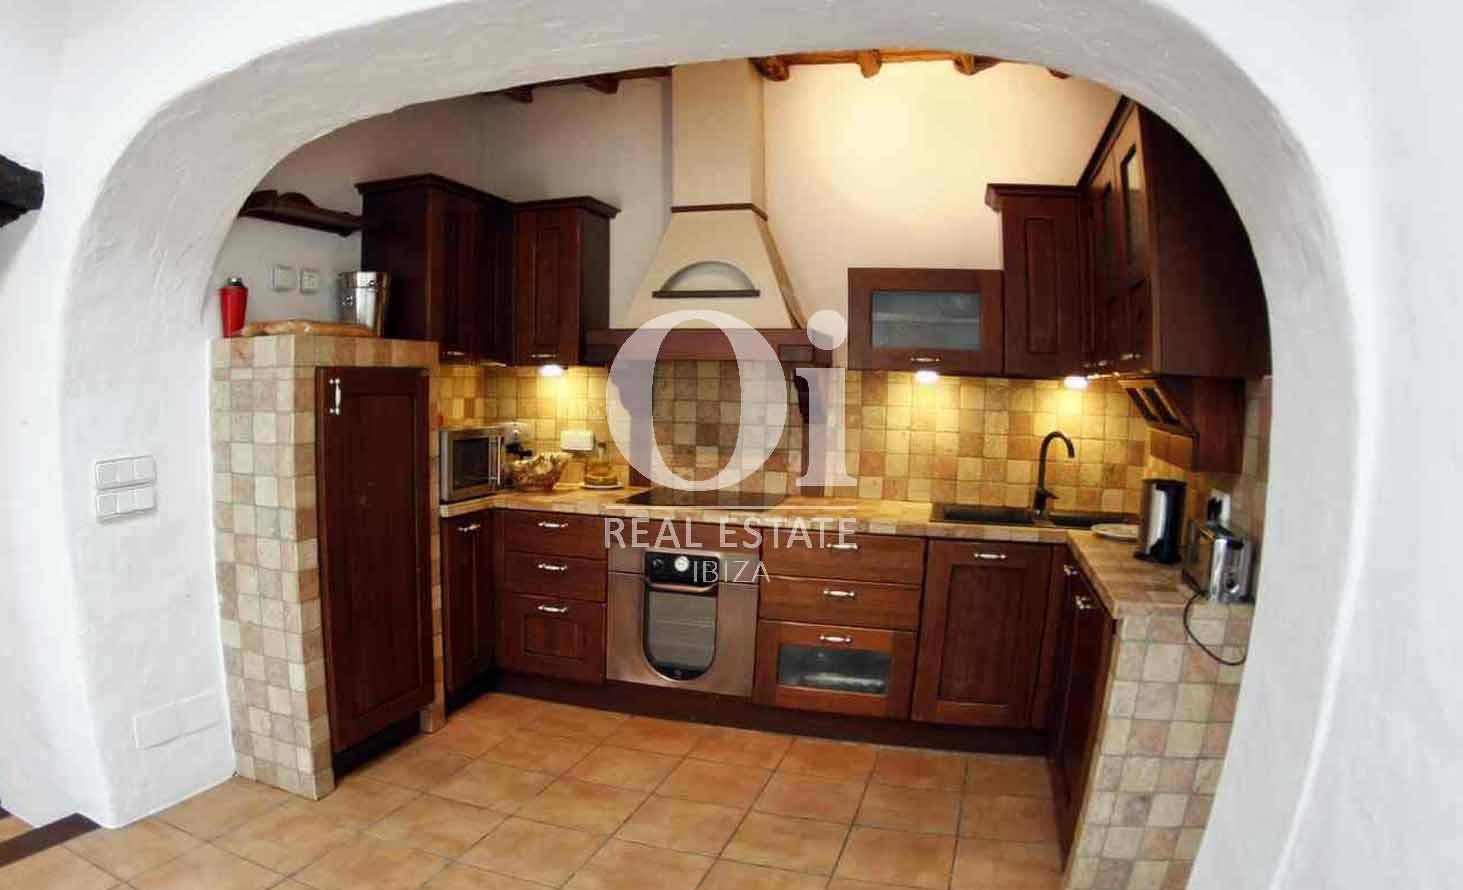 полностью оборудованная кухня дома в краткосрочную аренду на Ибице